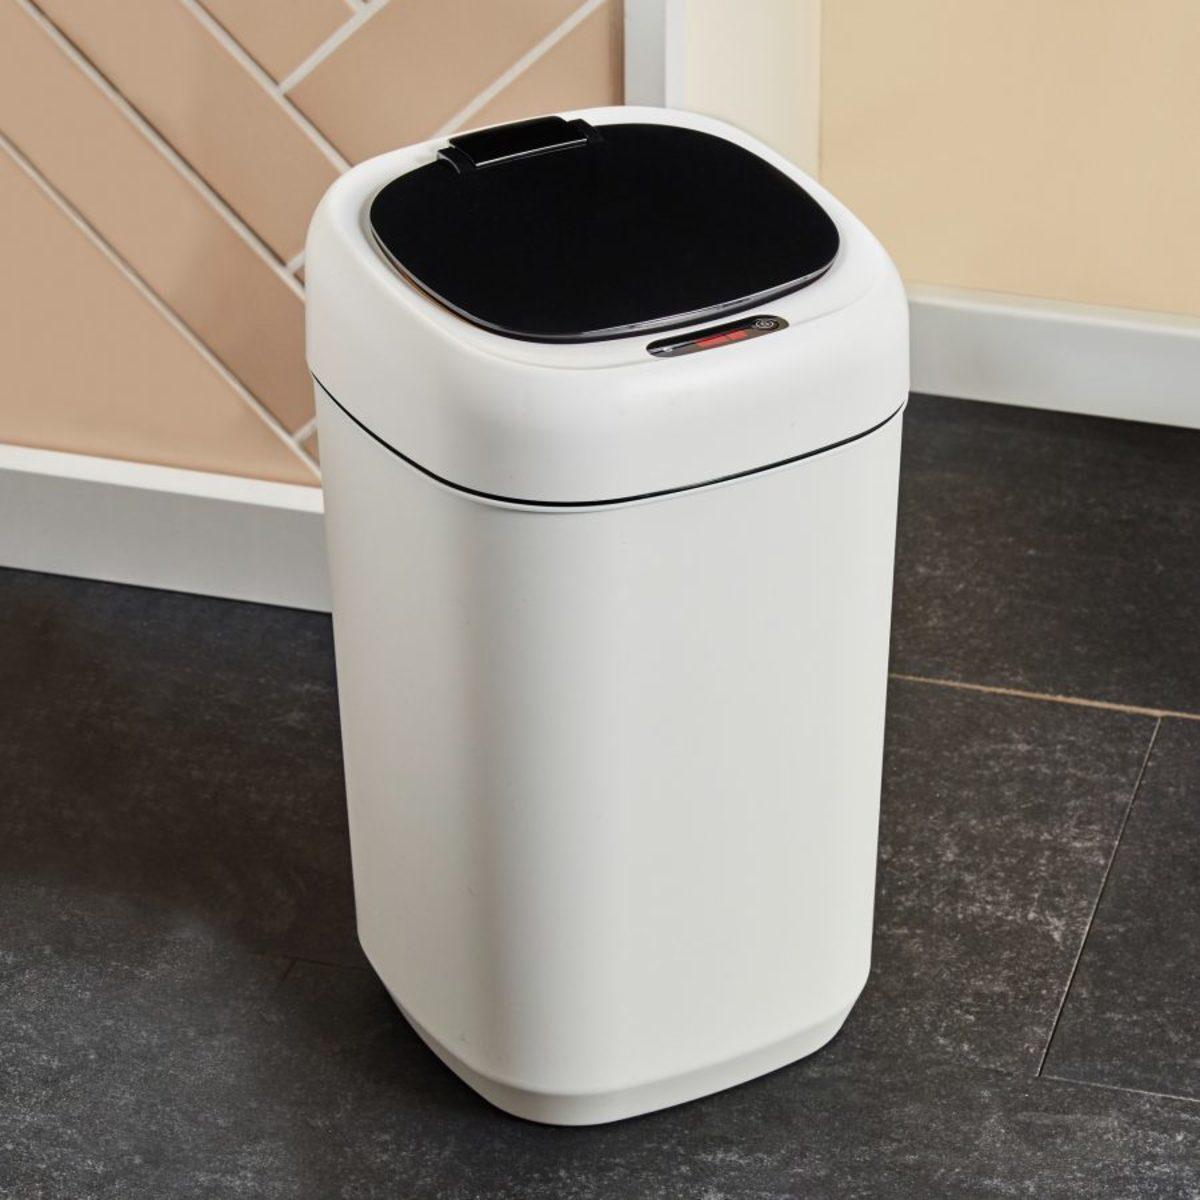 Bild 3 von QUIGG     Sensor-Abfallbehälter